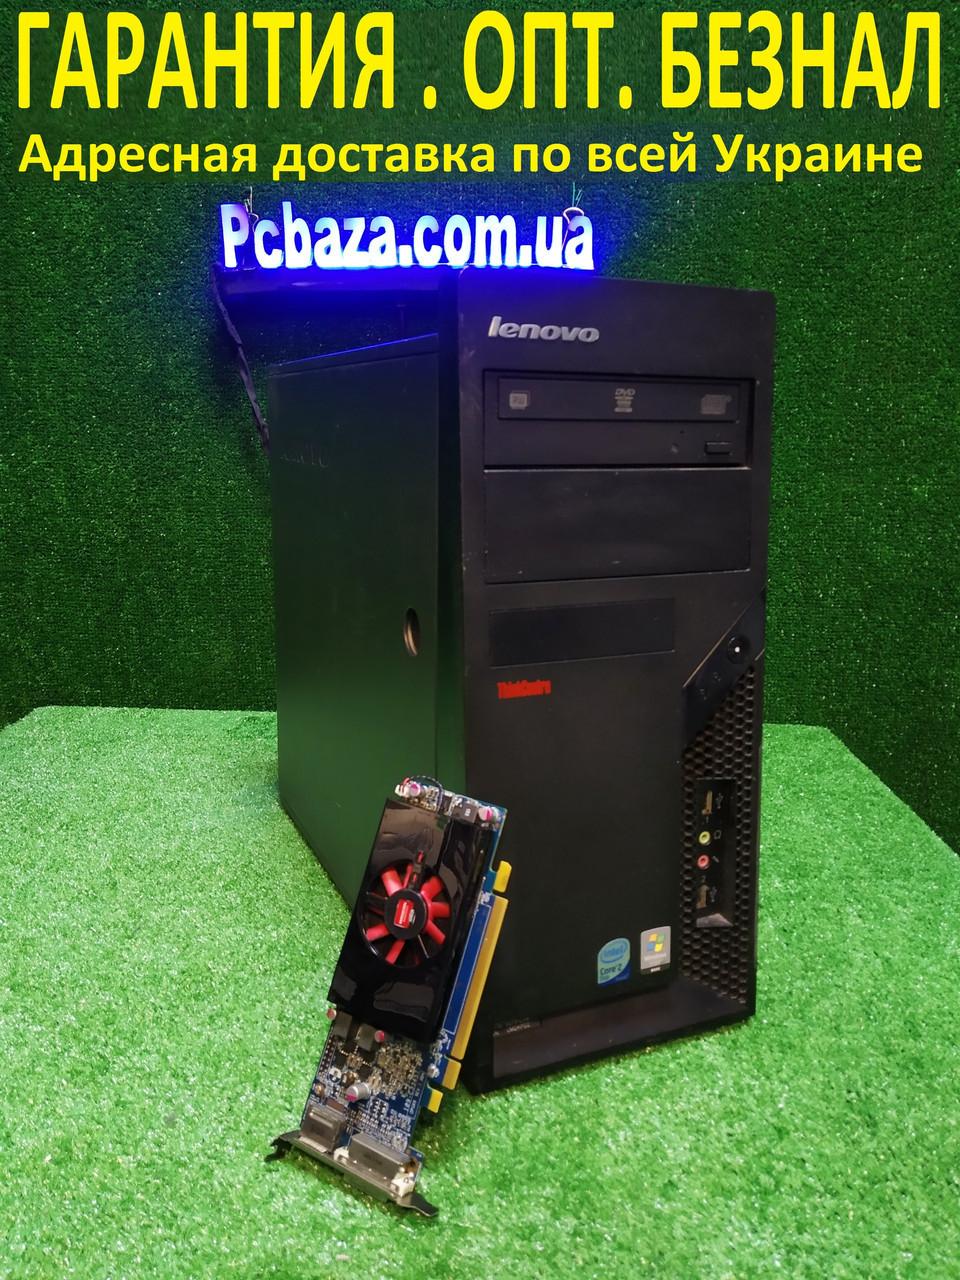 Игровой Компьютер Lenovo a55 Intel 4 ядра, 4GB ОЗУ, 500GB HDD, HD 7570 1 GB, Настроен и готов к работе!